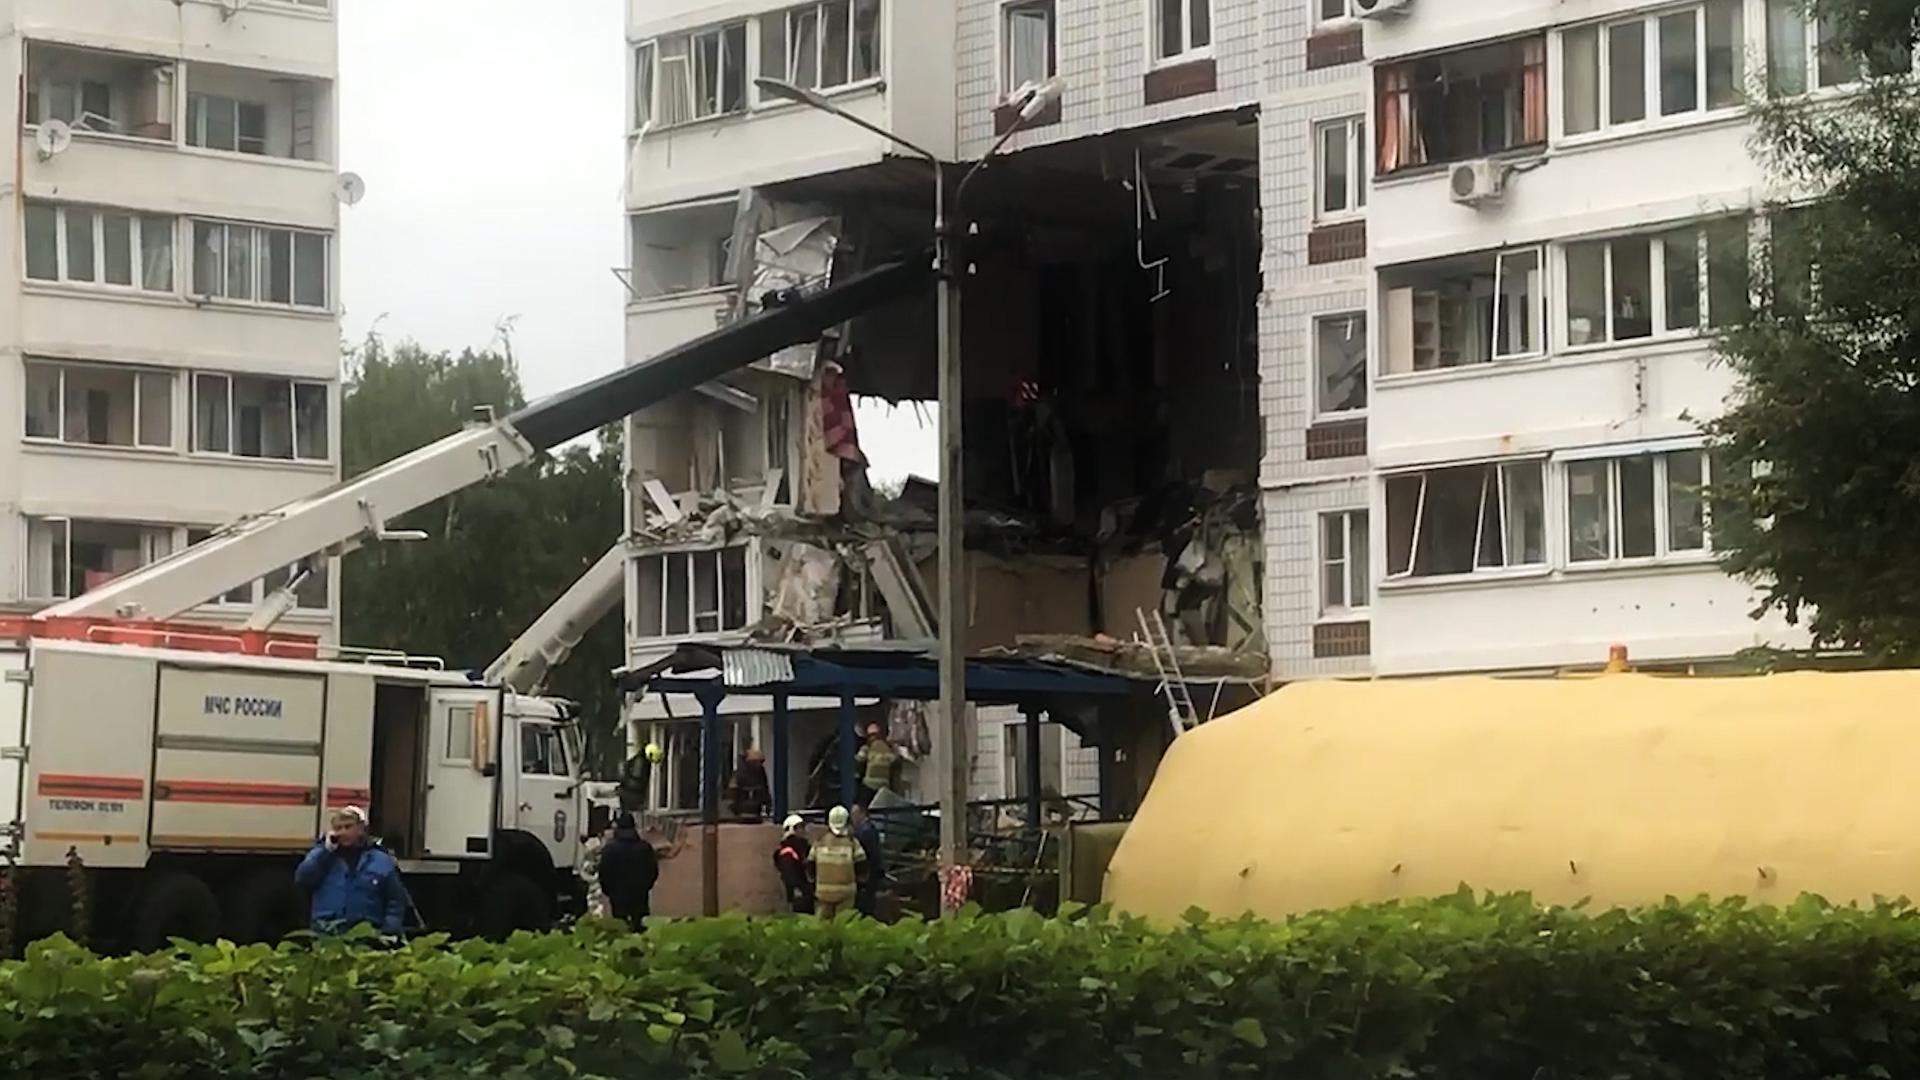 Спасатели извлекли из-под завалов тело еще одной жертвы взрыва в Ногинске Происшествия